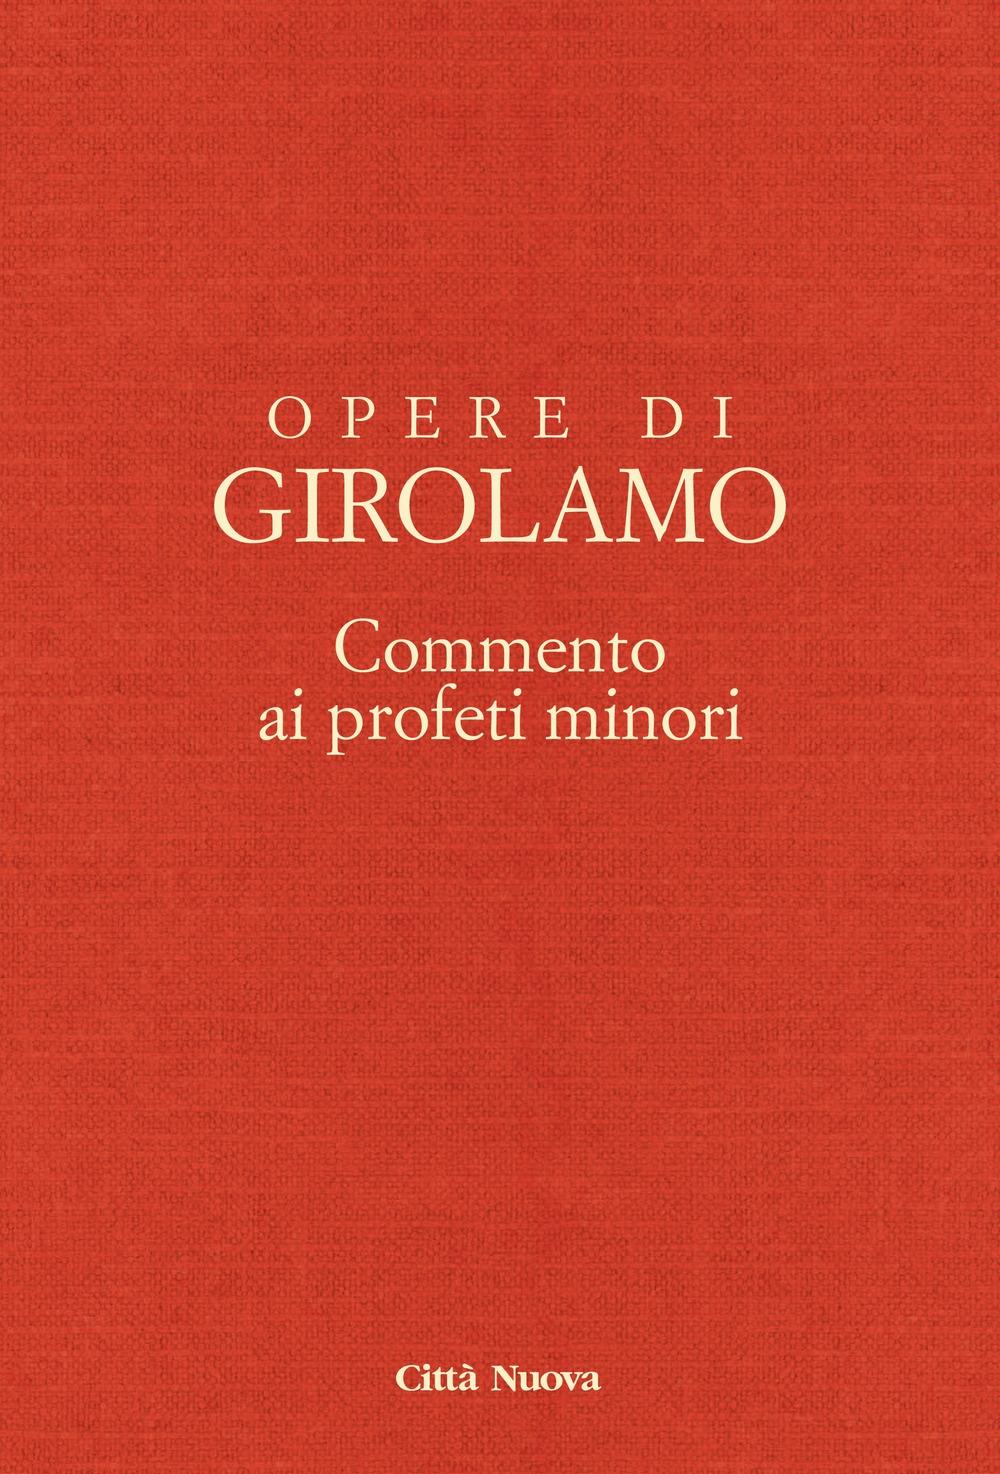 Opere di Girolamo. Vol. 8: Commento ai profeti minori